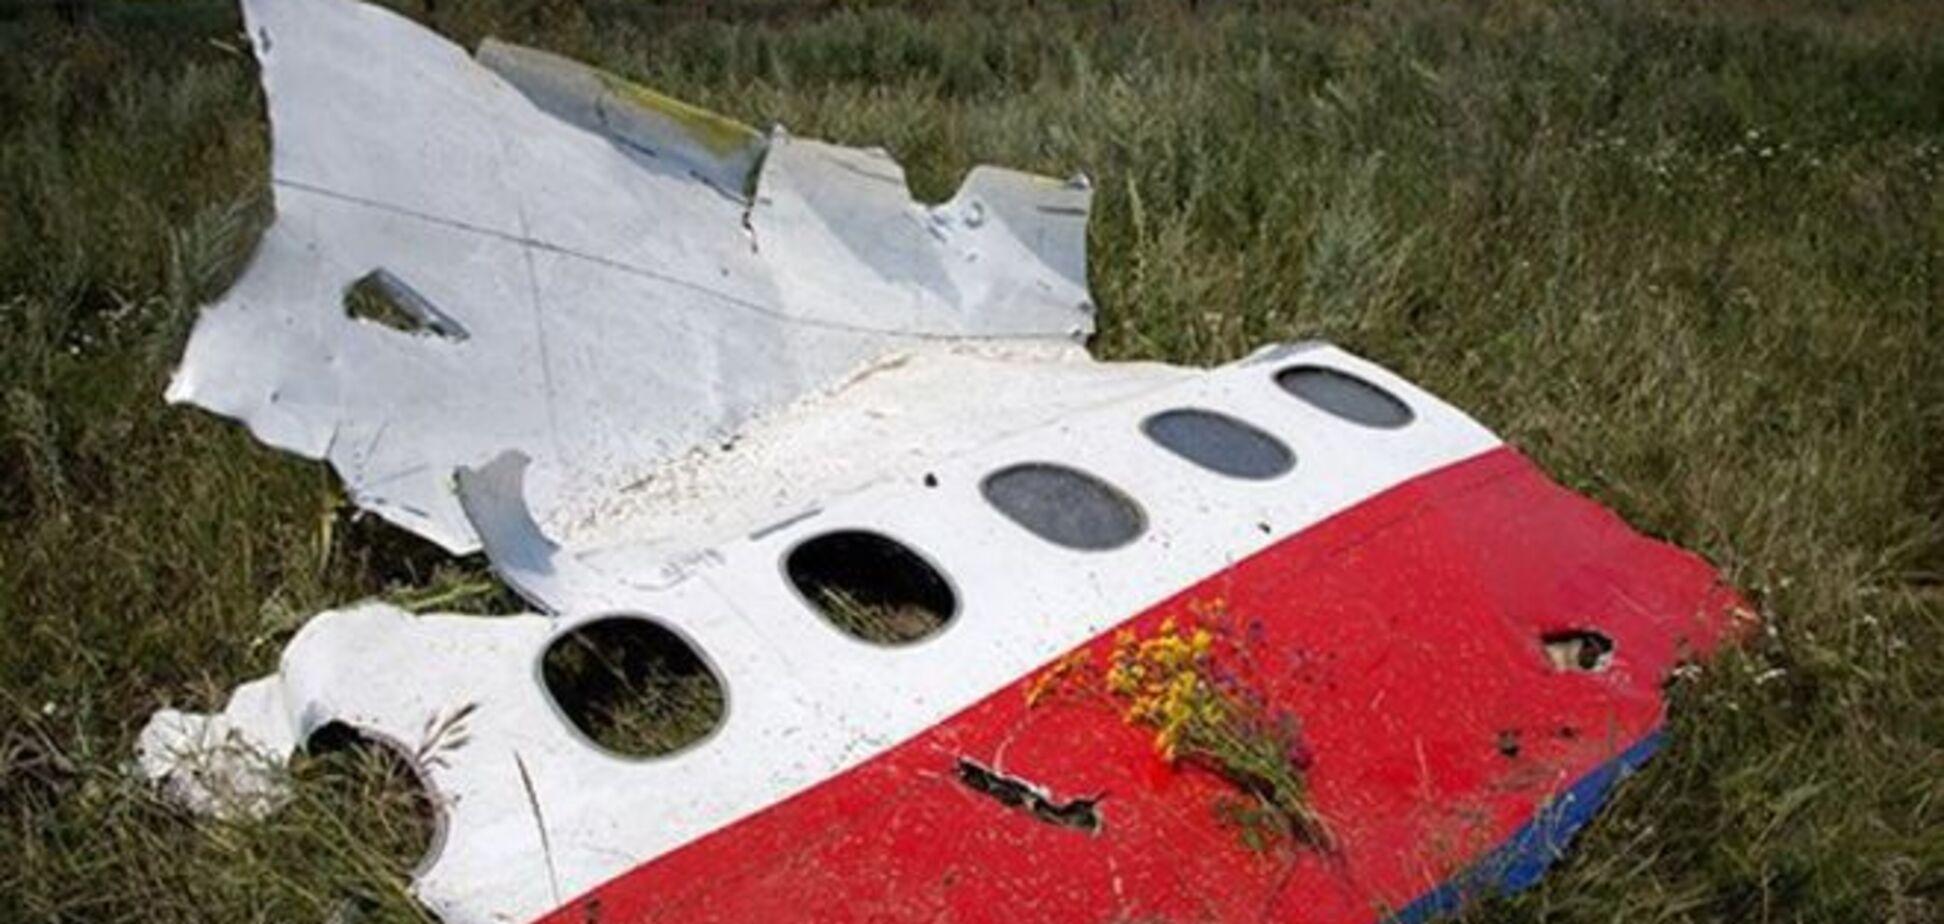 Трибунал у справі MH17: ЗМІ повідомили про відкладене голосування